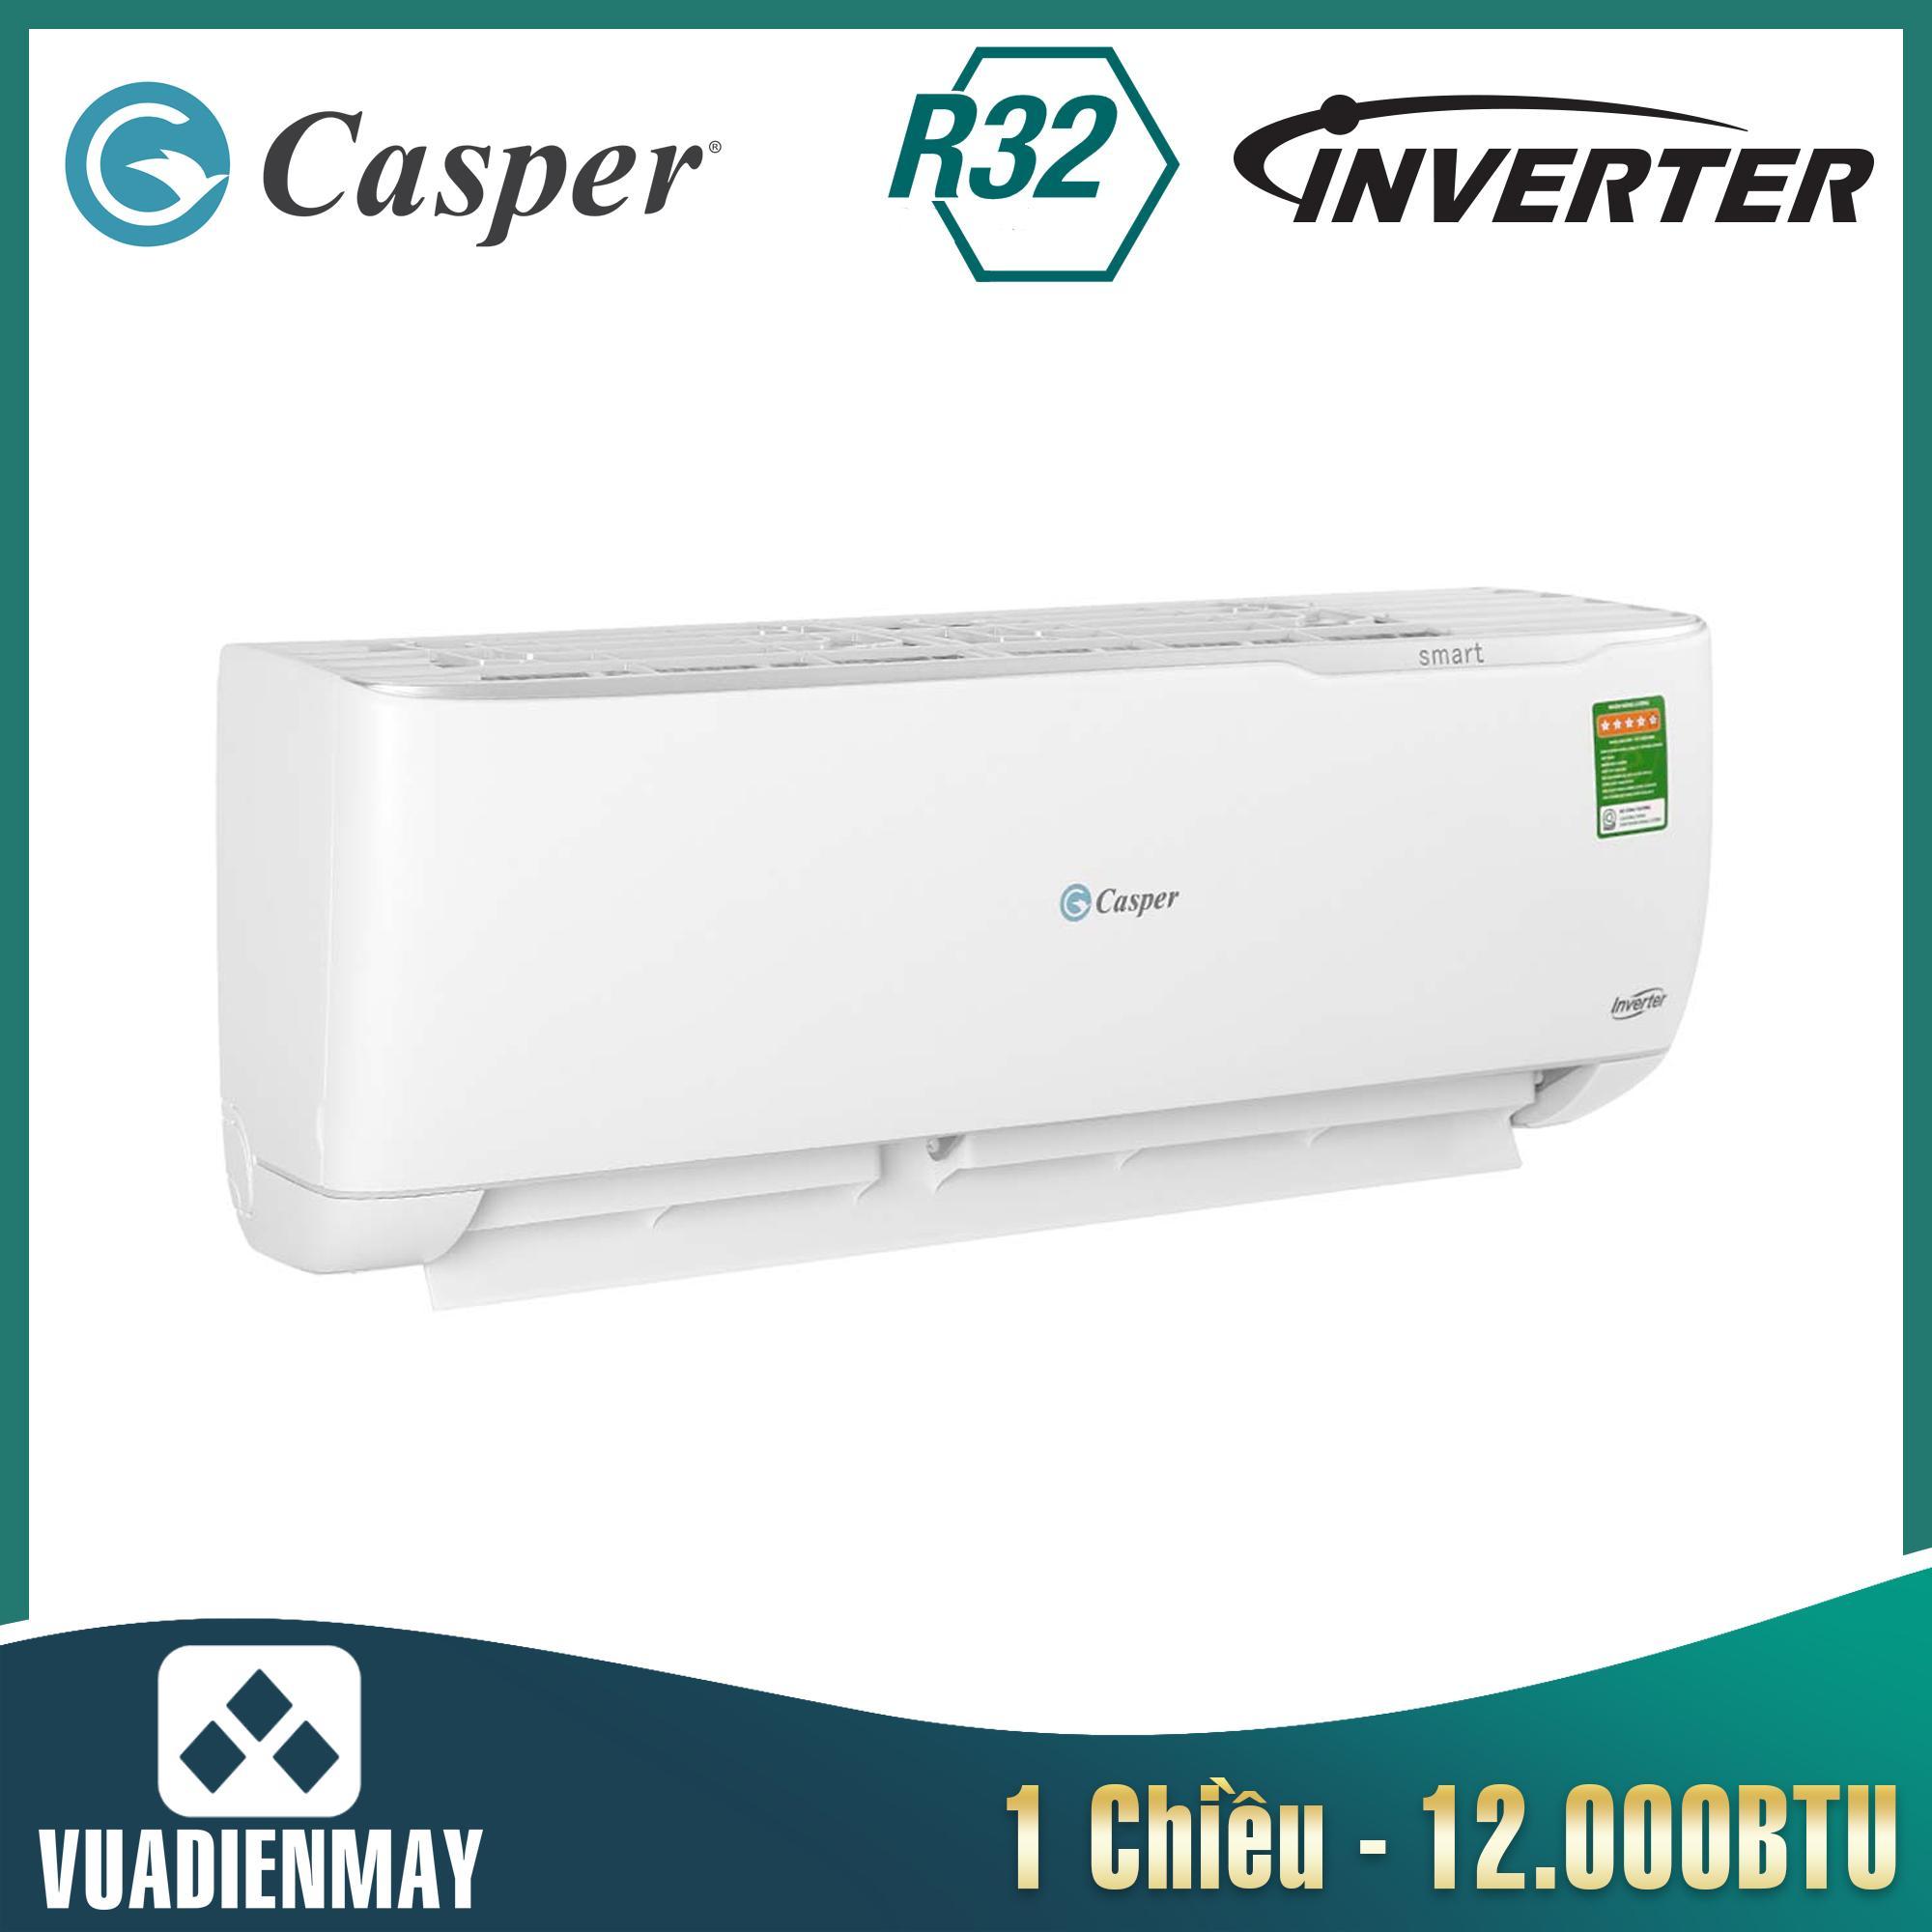 GC12TL32, điều hòa casper 12000btu 1 chiều inverter